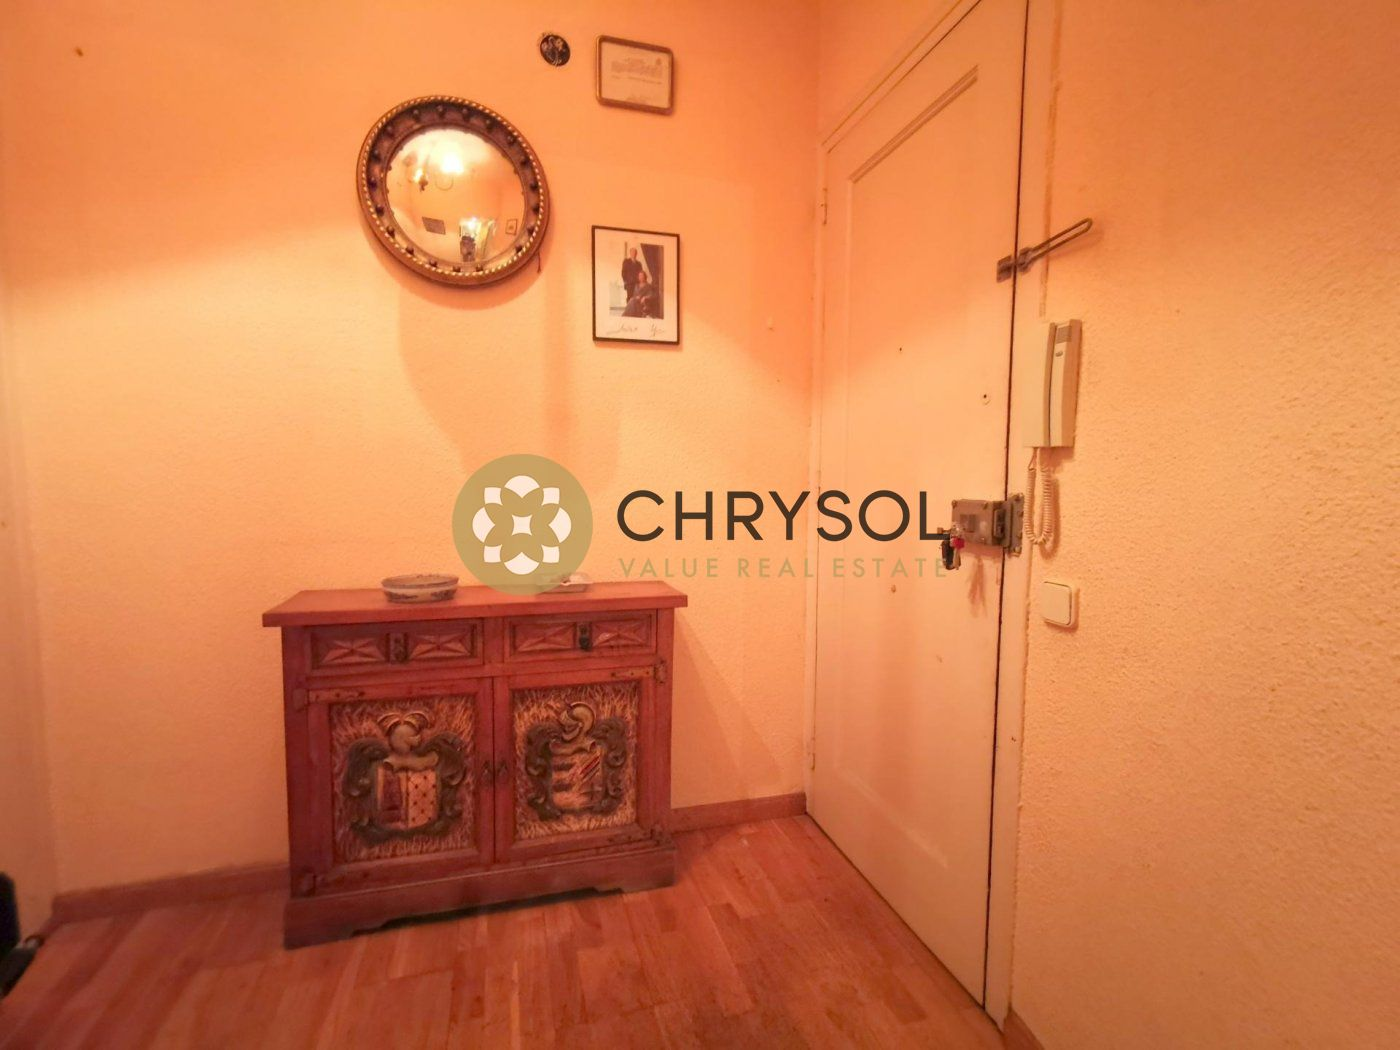 Fotogalería - 10 - Chrysol Value